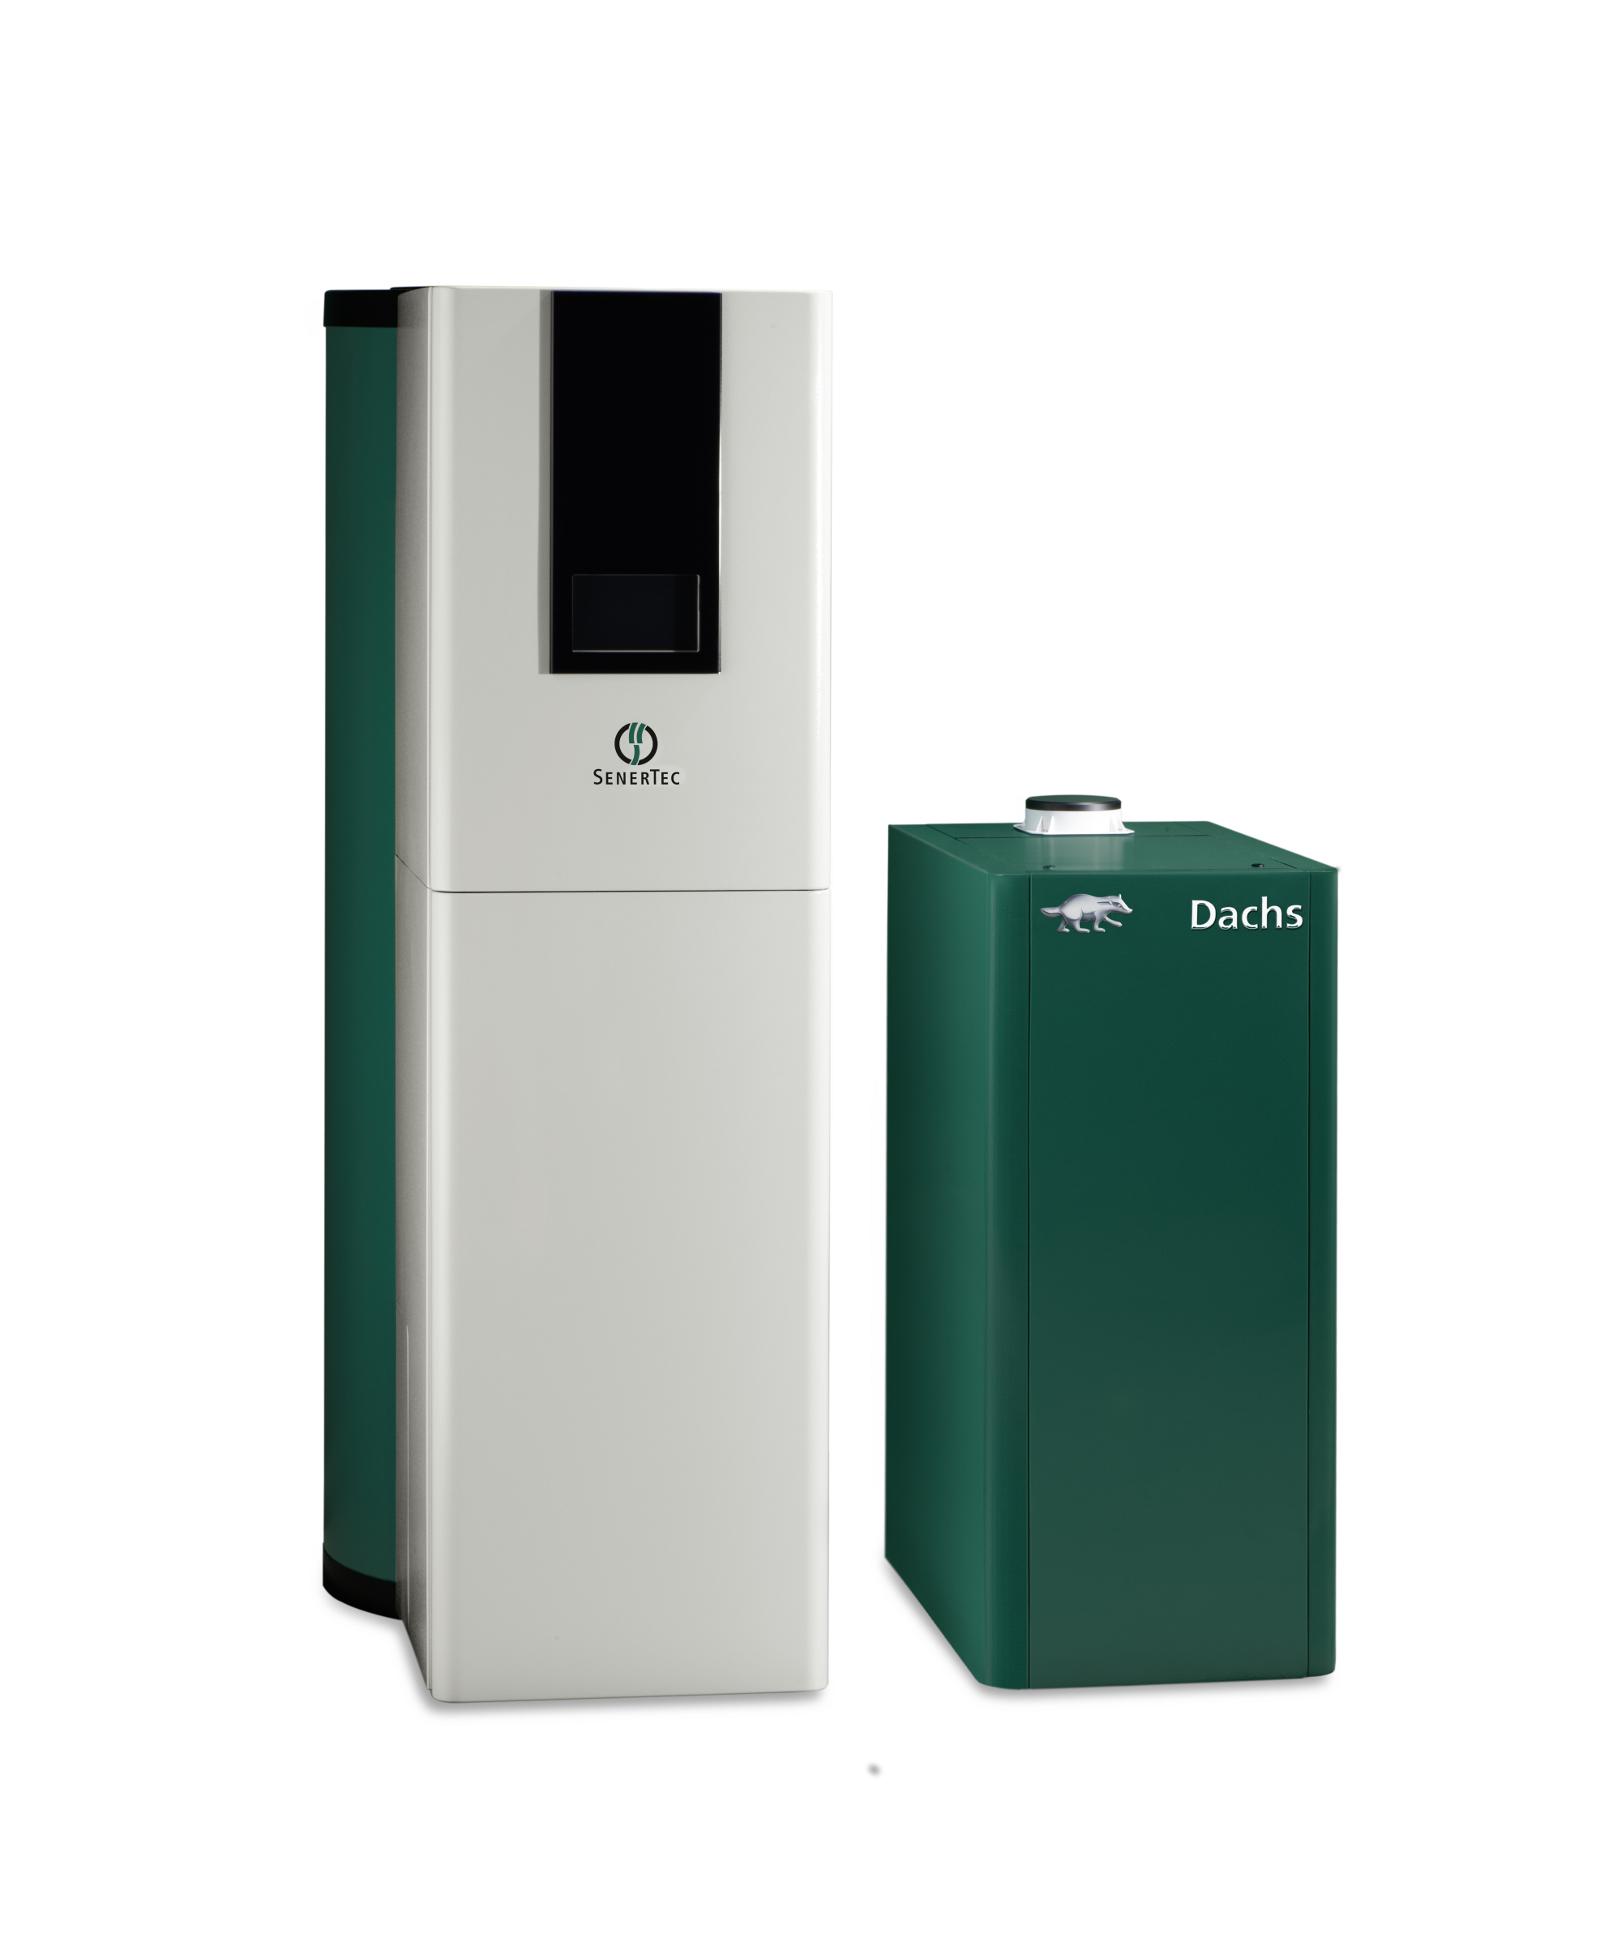 SenerTec  Dachs InnoGen  Fuel Cell Technology